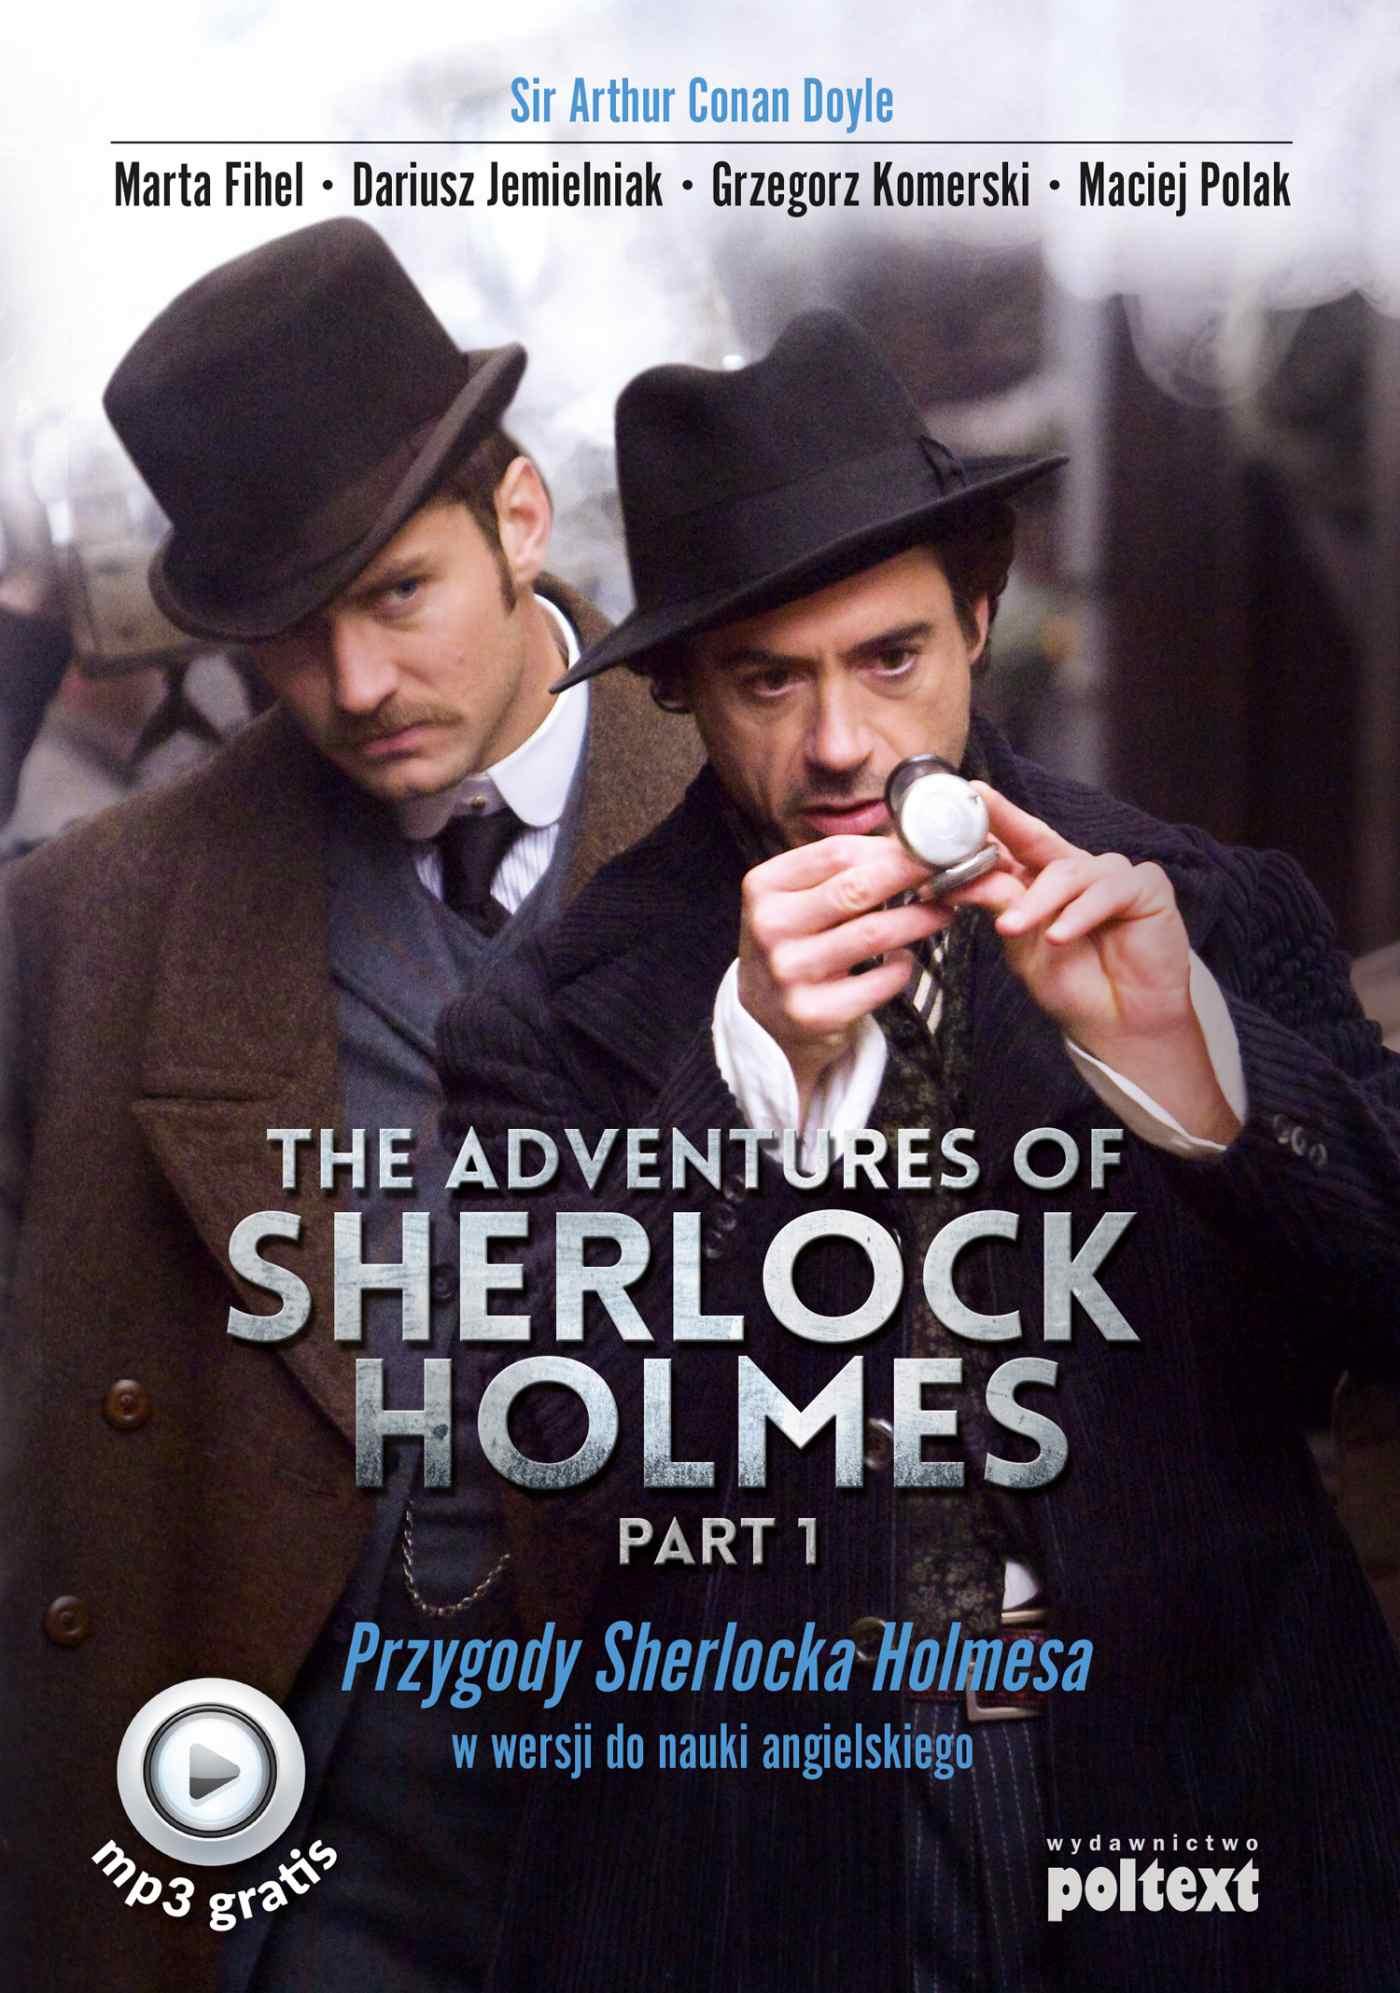 The Adventures of Sherlock Holmes (part I). Przygody Sherlocka Holmesa w wersji do nauki angielskiego - Ebook (Książka na Kindle) do pobrania w formacie MOBI